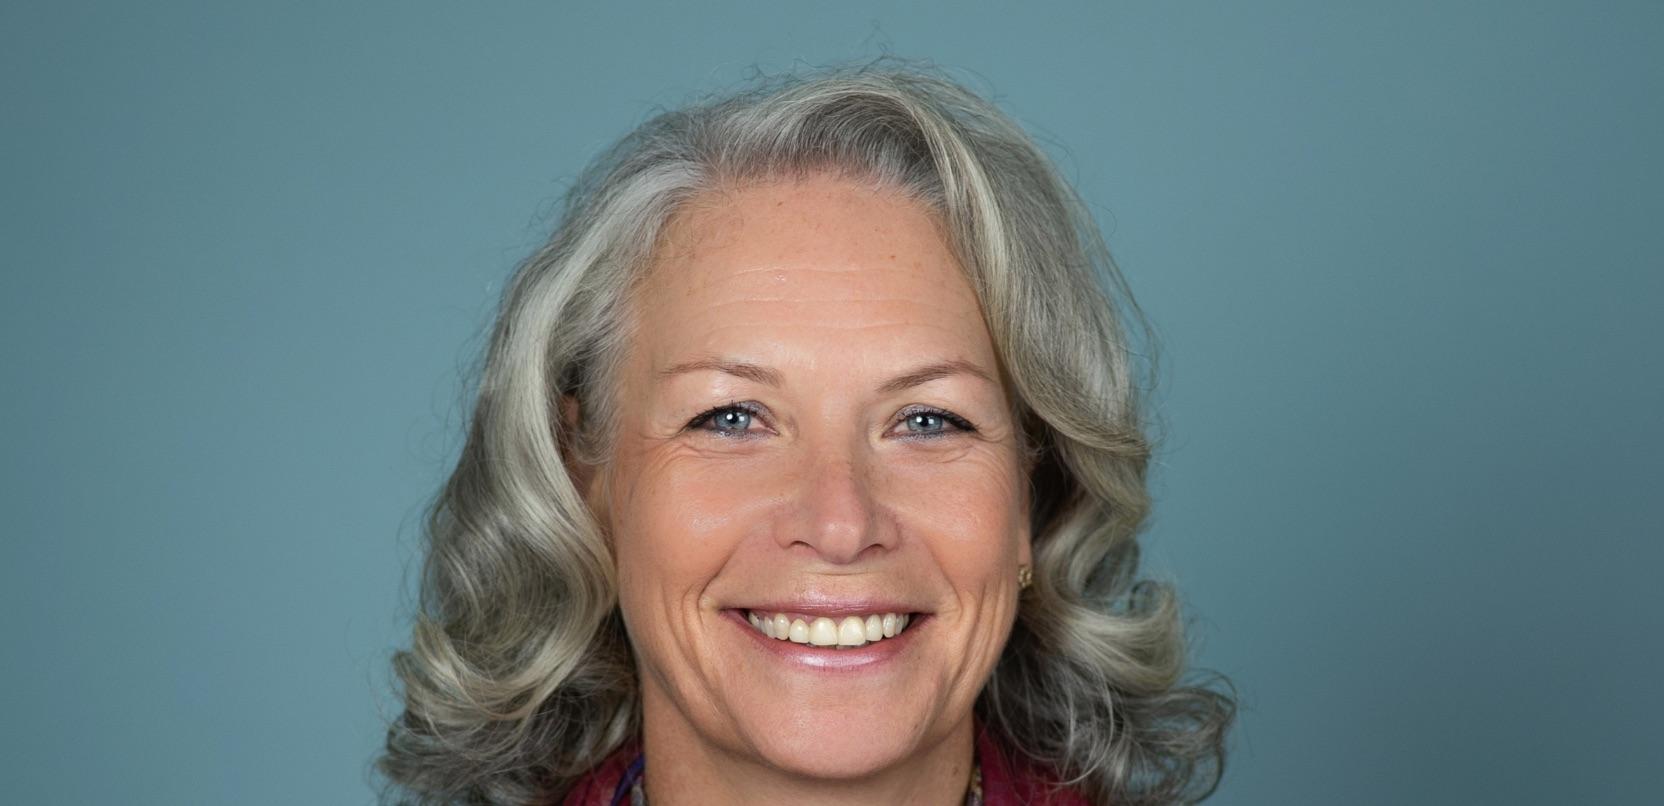 Kennismaken met Sonia Jennings